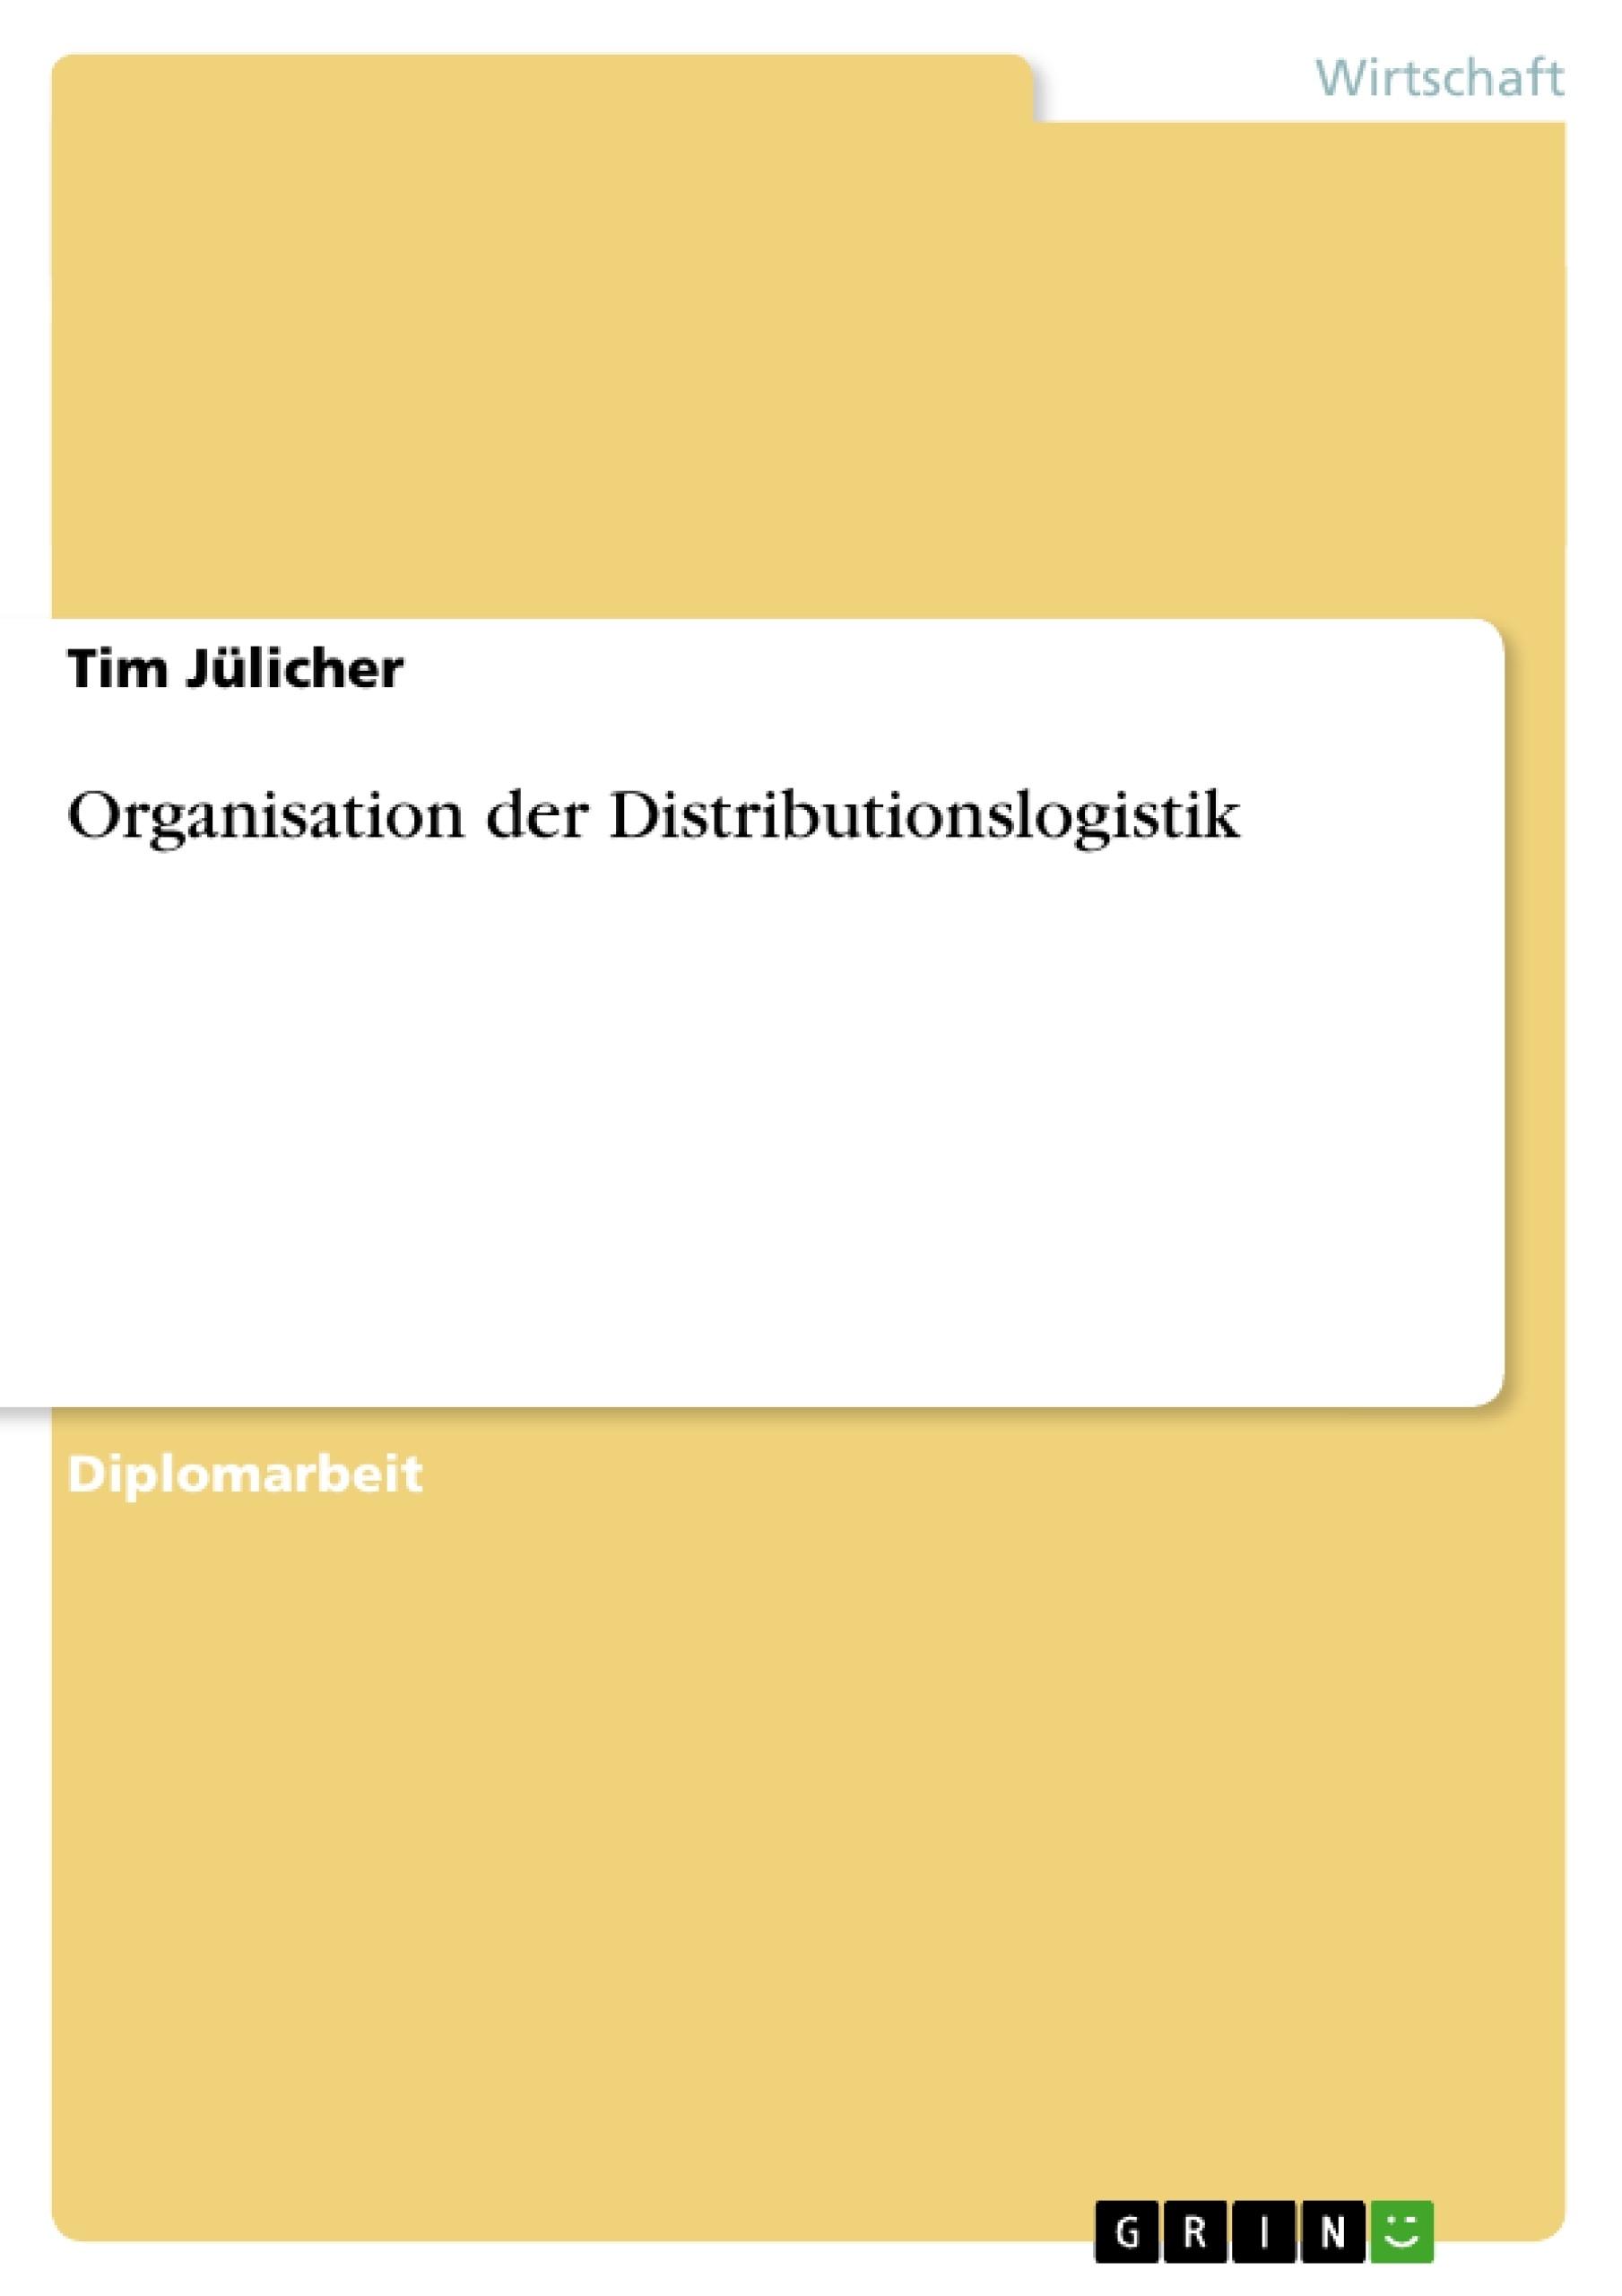 Titel: Organisation der Distributionslogistik